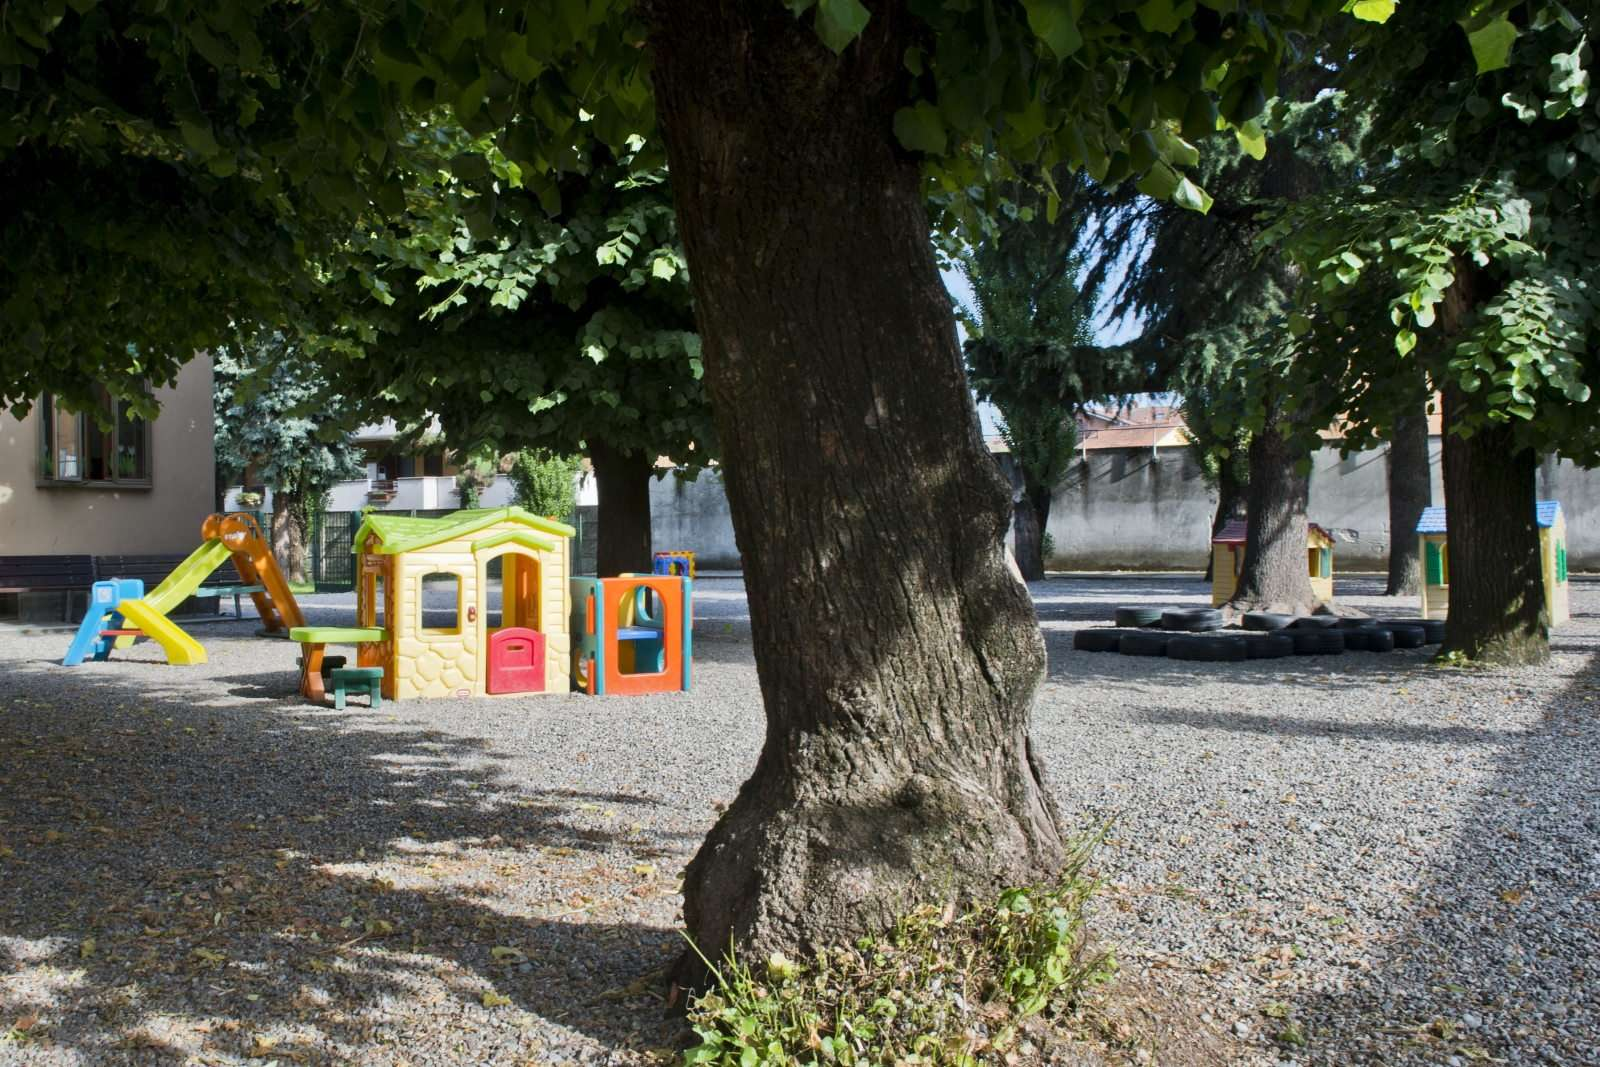 027 D4C 5555 Ridotte - Scuola Materna Peschiera Borromeo